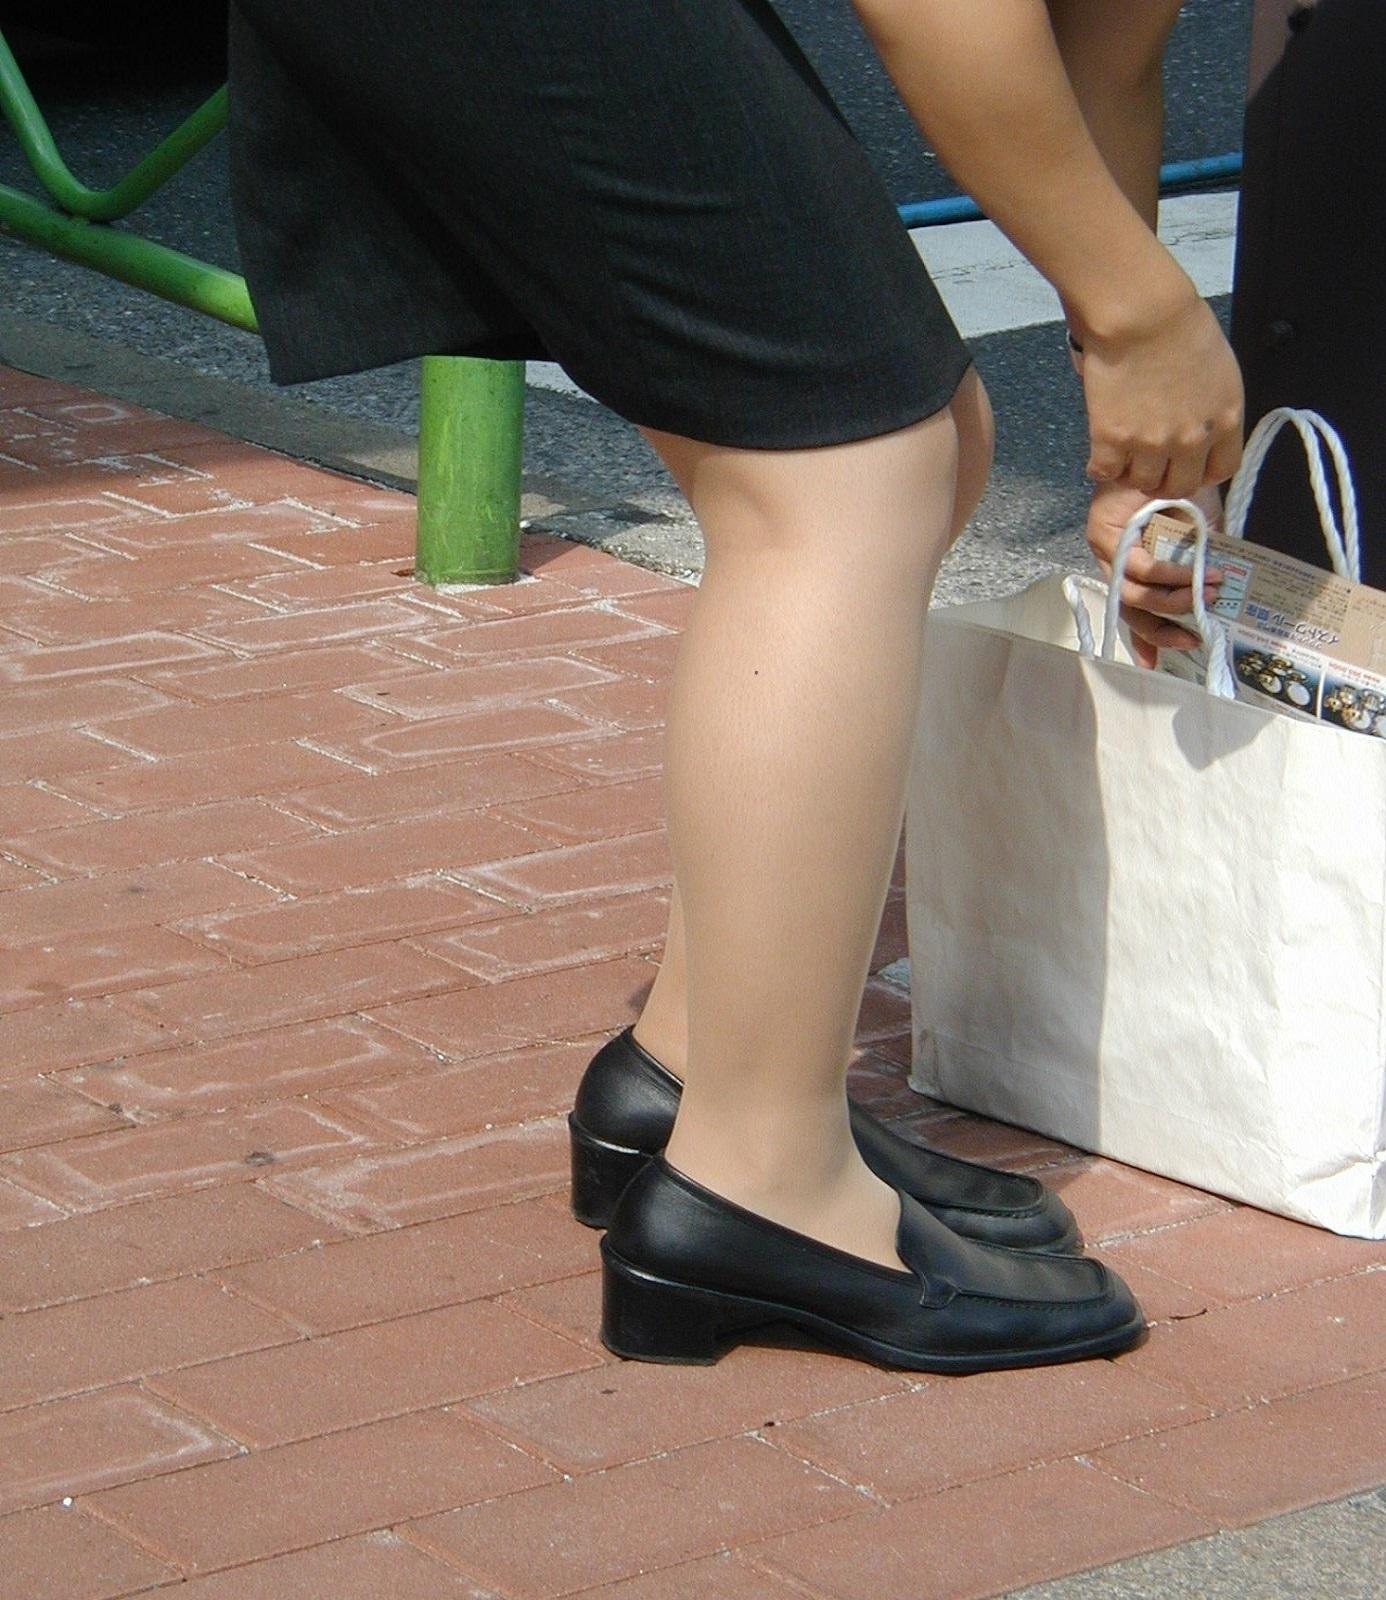 【街撮りOLエロ画像】着衣尻と美脚を只管追っかけ!肉付きたまらん働く女性の下半身www 16